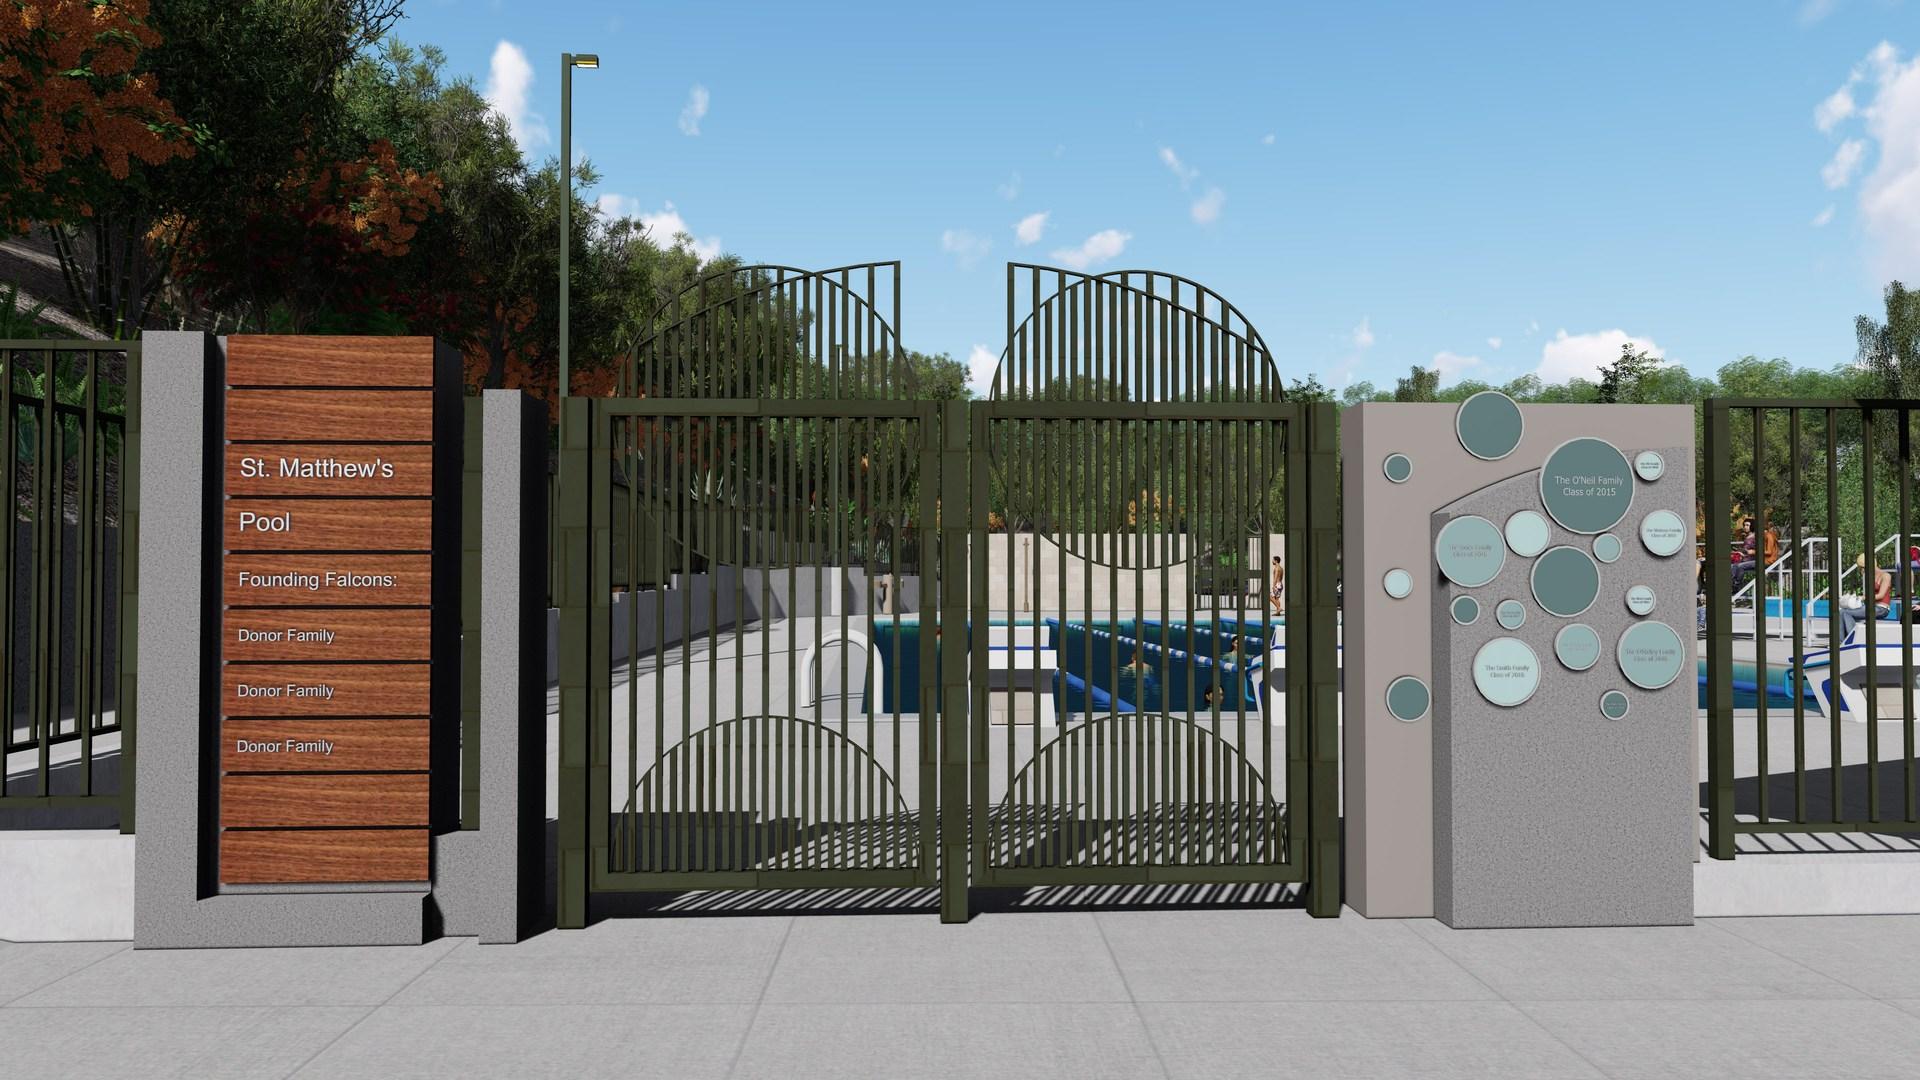 St. Matthew's Pool Entry Gate